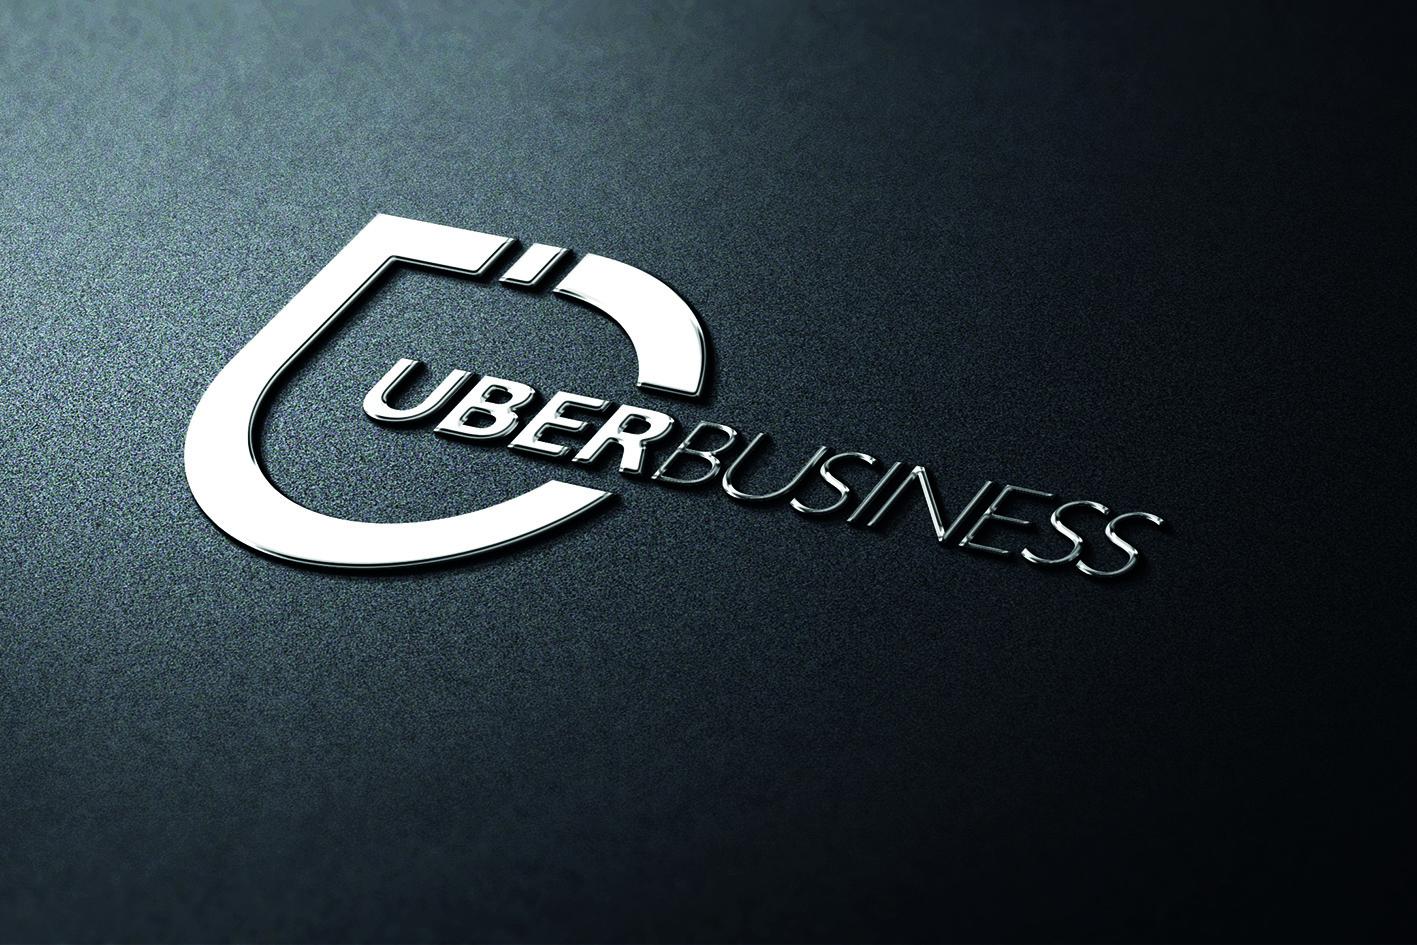 UberBusiness